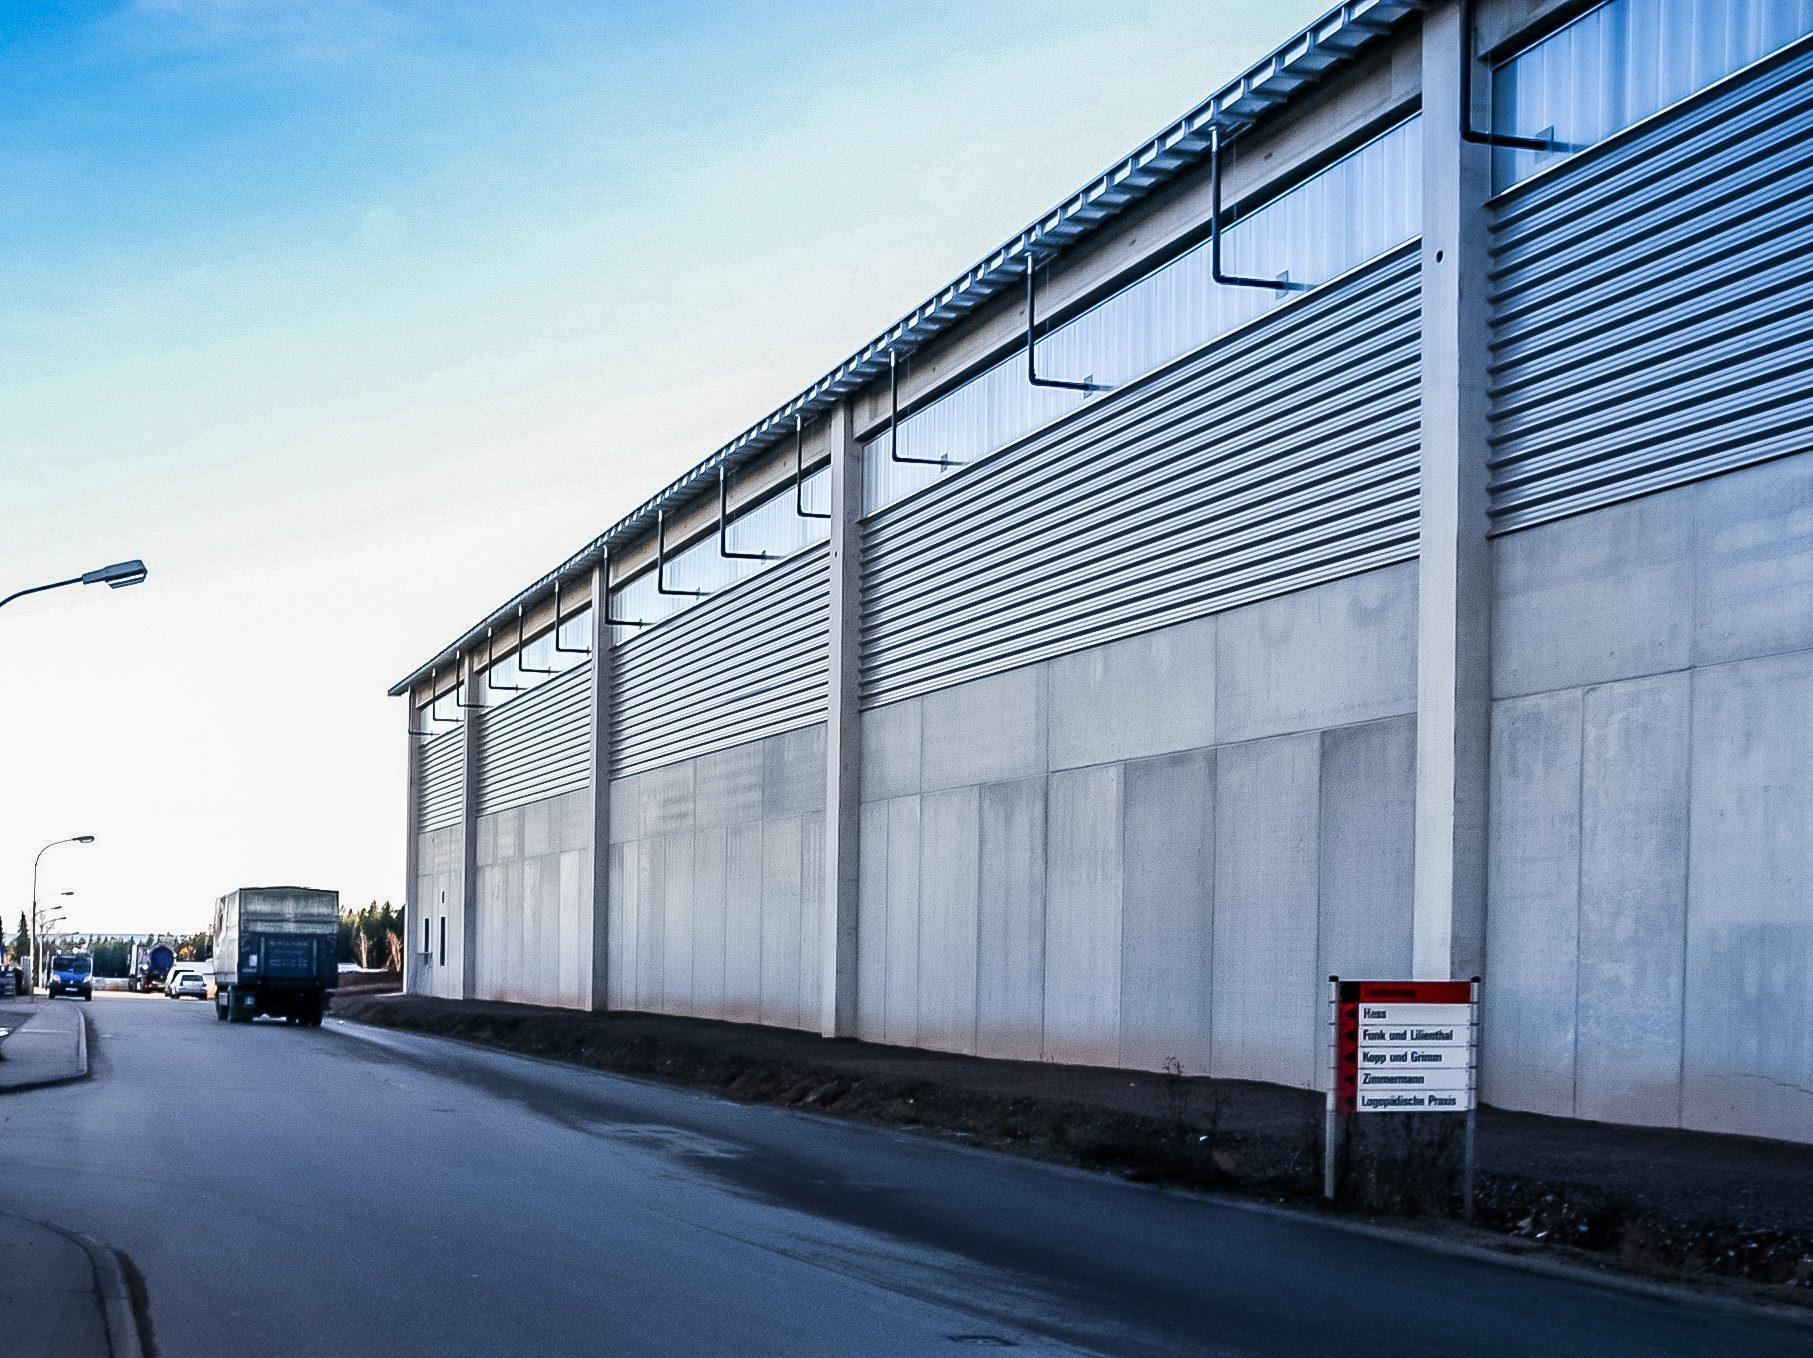 Recyclinghof – Imposante Architektur aus Beton und Stahl